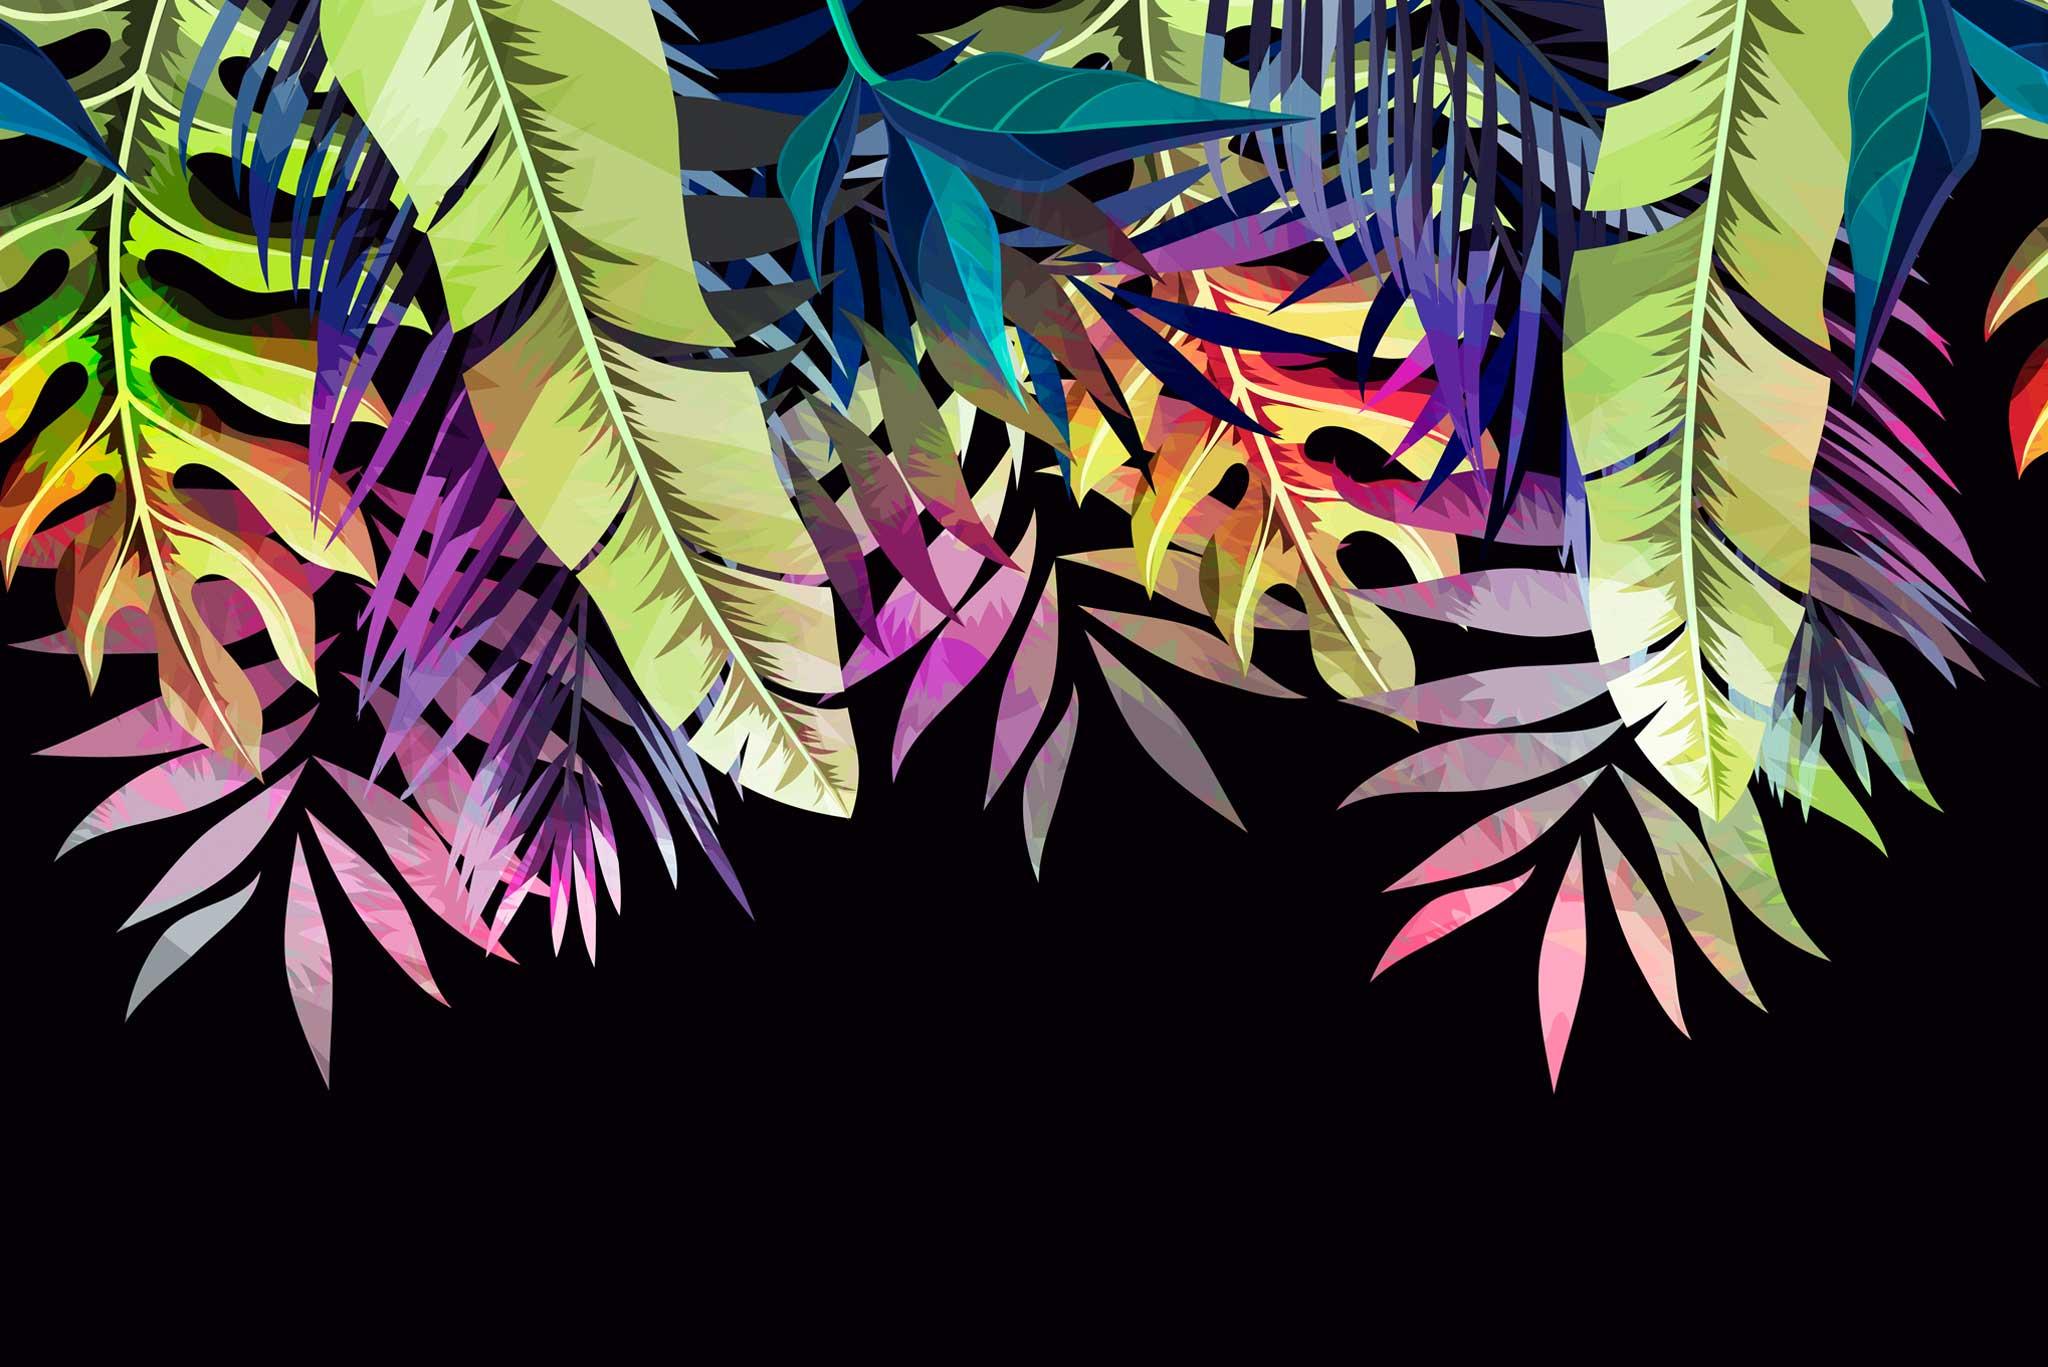 tapet-fototapet-design-decor-mural-customizabil-comanda-personalizat-bucuresti-daring-prints-motiv-model-vegetal-frunze-exotice-tropicale-colorat-multicolor-negru